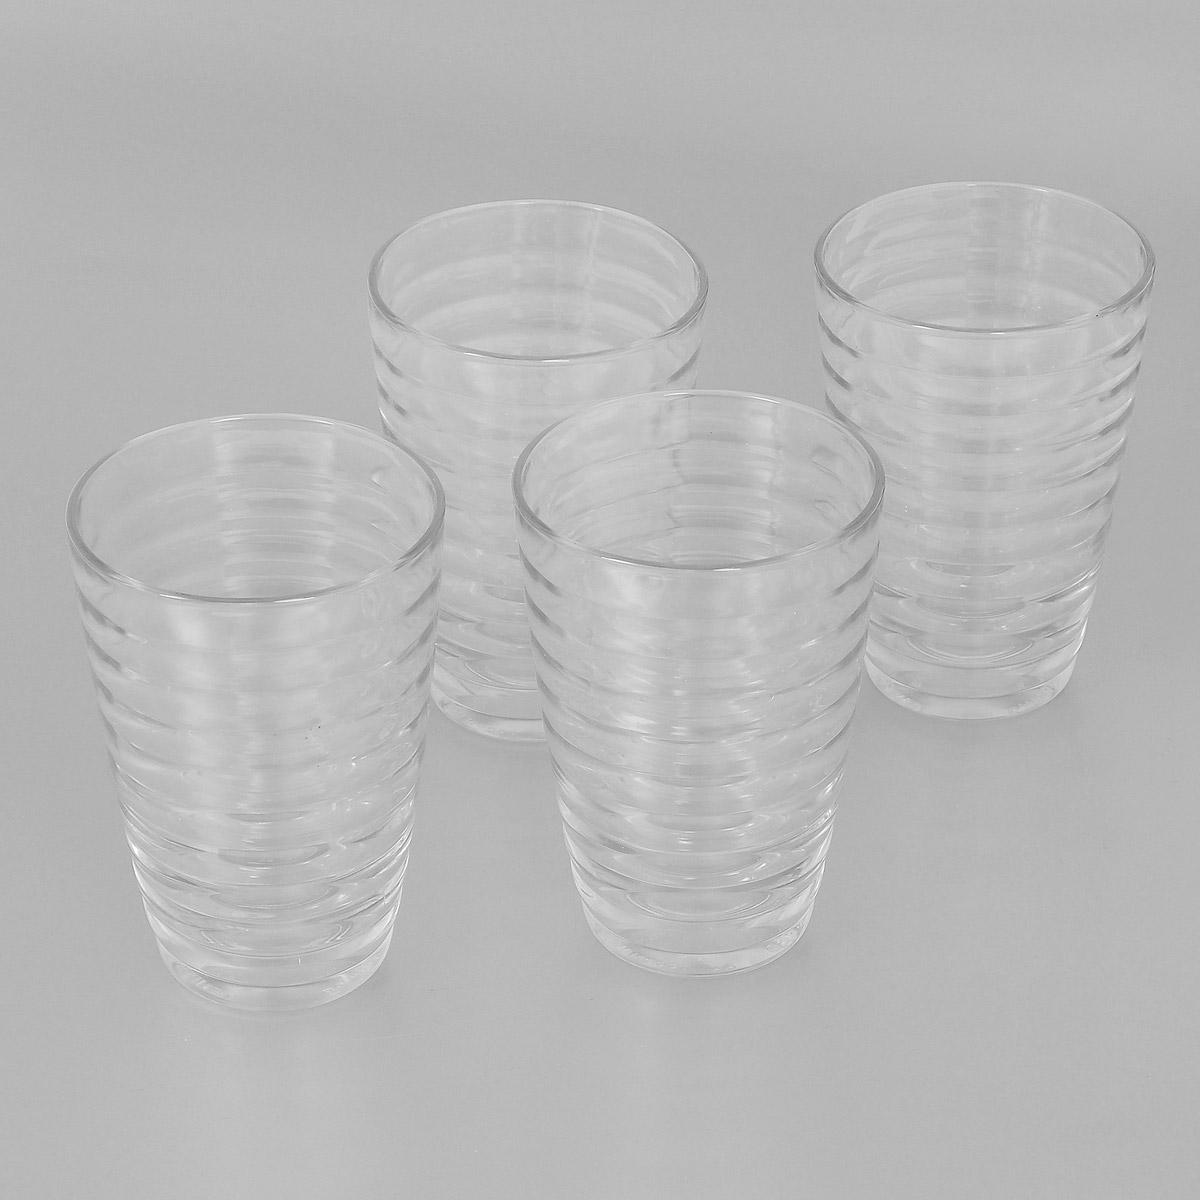 Набор стаканов Bormioli Rocco Viva, 340 мл, 4 шт515020СМ1821990Набор Bormioli Rocco Viva, выполненный из стекла, состоит из 4 высоких стаканов. Стаканы предназначены для подачи холодных напитков. Изделия ударопрочные, выдерживают температуру от -20°С до 100°С, также можно использовать в посудомоечной машине и в микроволновой печи. С внешней стороны поверхность стаканов рельефная, что создает эффект игры света и преломления. Благодаря такому набору пить напитки будет еще вкуснее.Стаканы Bormioli Rocco Viva станут идеальным украшением праздничного стола и отличным подарком к любому празднику. С 1825 года компания Bormioli Rocco производит высококачественную посуду из стекла. На сегодняшний день это мировой лидер на рынке производства стеклянных изделий. Ассортимент, предлагаемый Bormioli Rocco необычайно широк - это бокалы, фужеры, рюмки, графины, кувшины, банки для сыпучих продуктов и консервирования, тарелки, салатники, чашки, контейнеры различных емкостей, предназначенные для хранения продуктов в холодильниках и морозильных камерах и т.д. Стекло сочетает в себе передовые технологии и традиционно высокое качество.